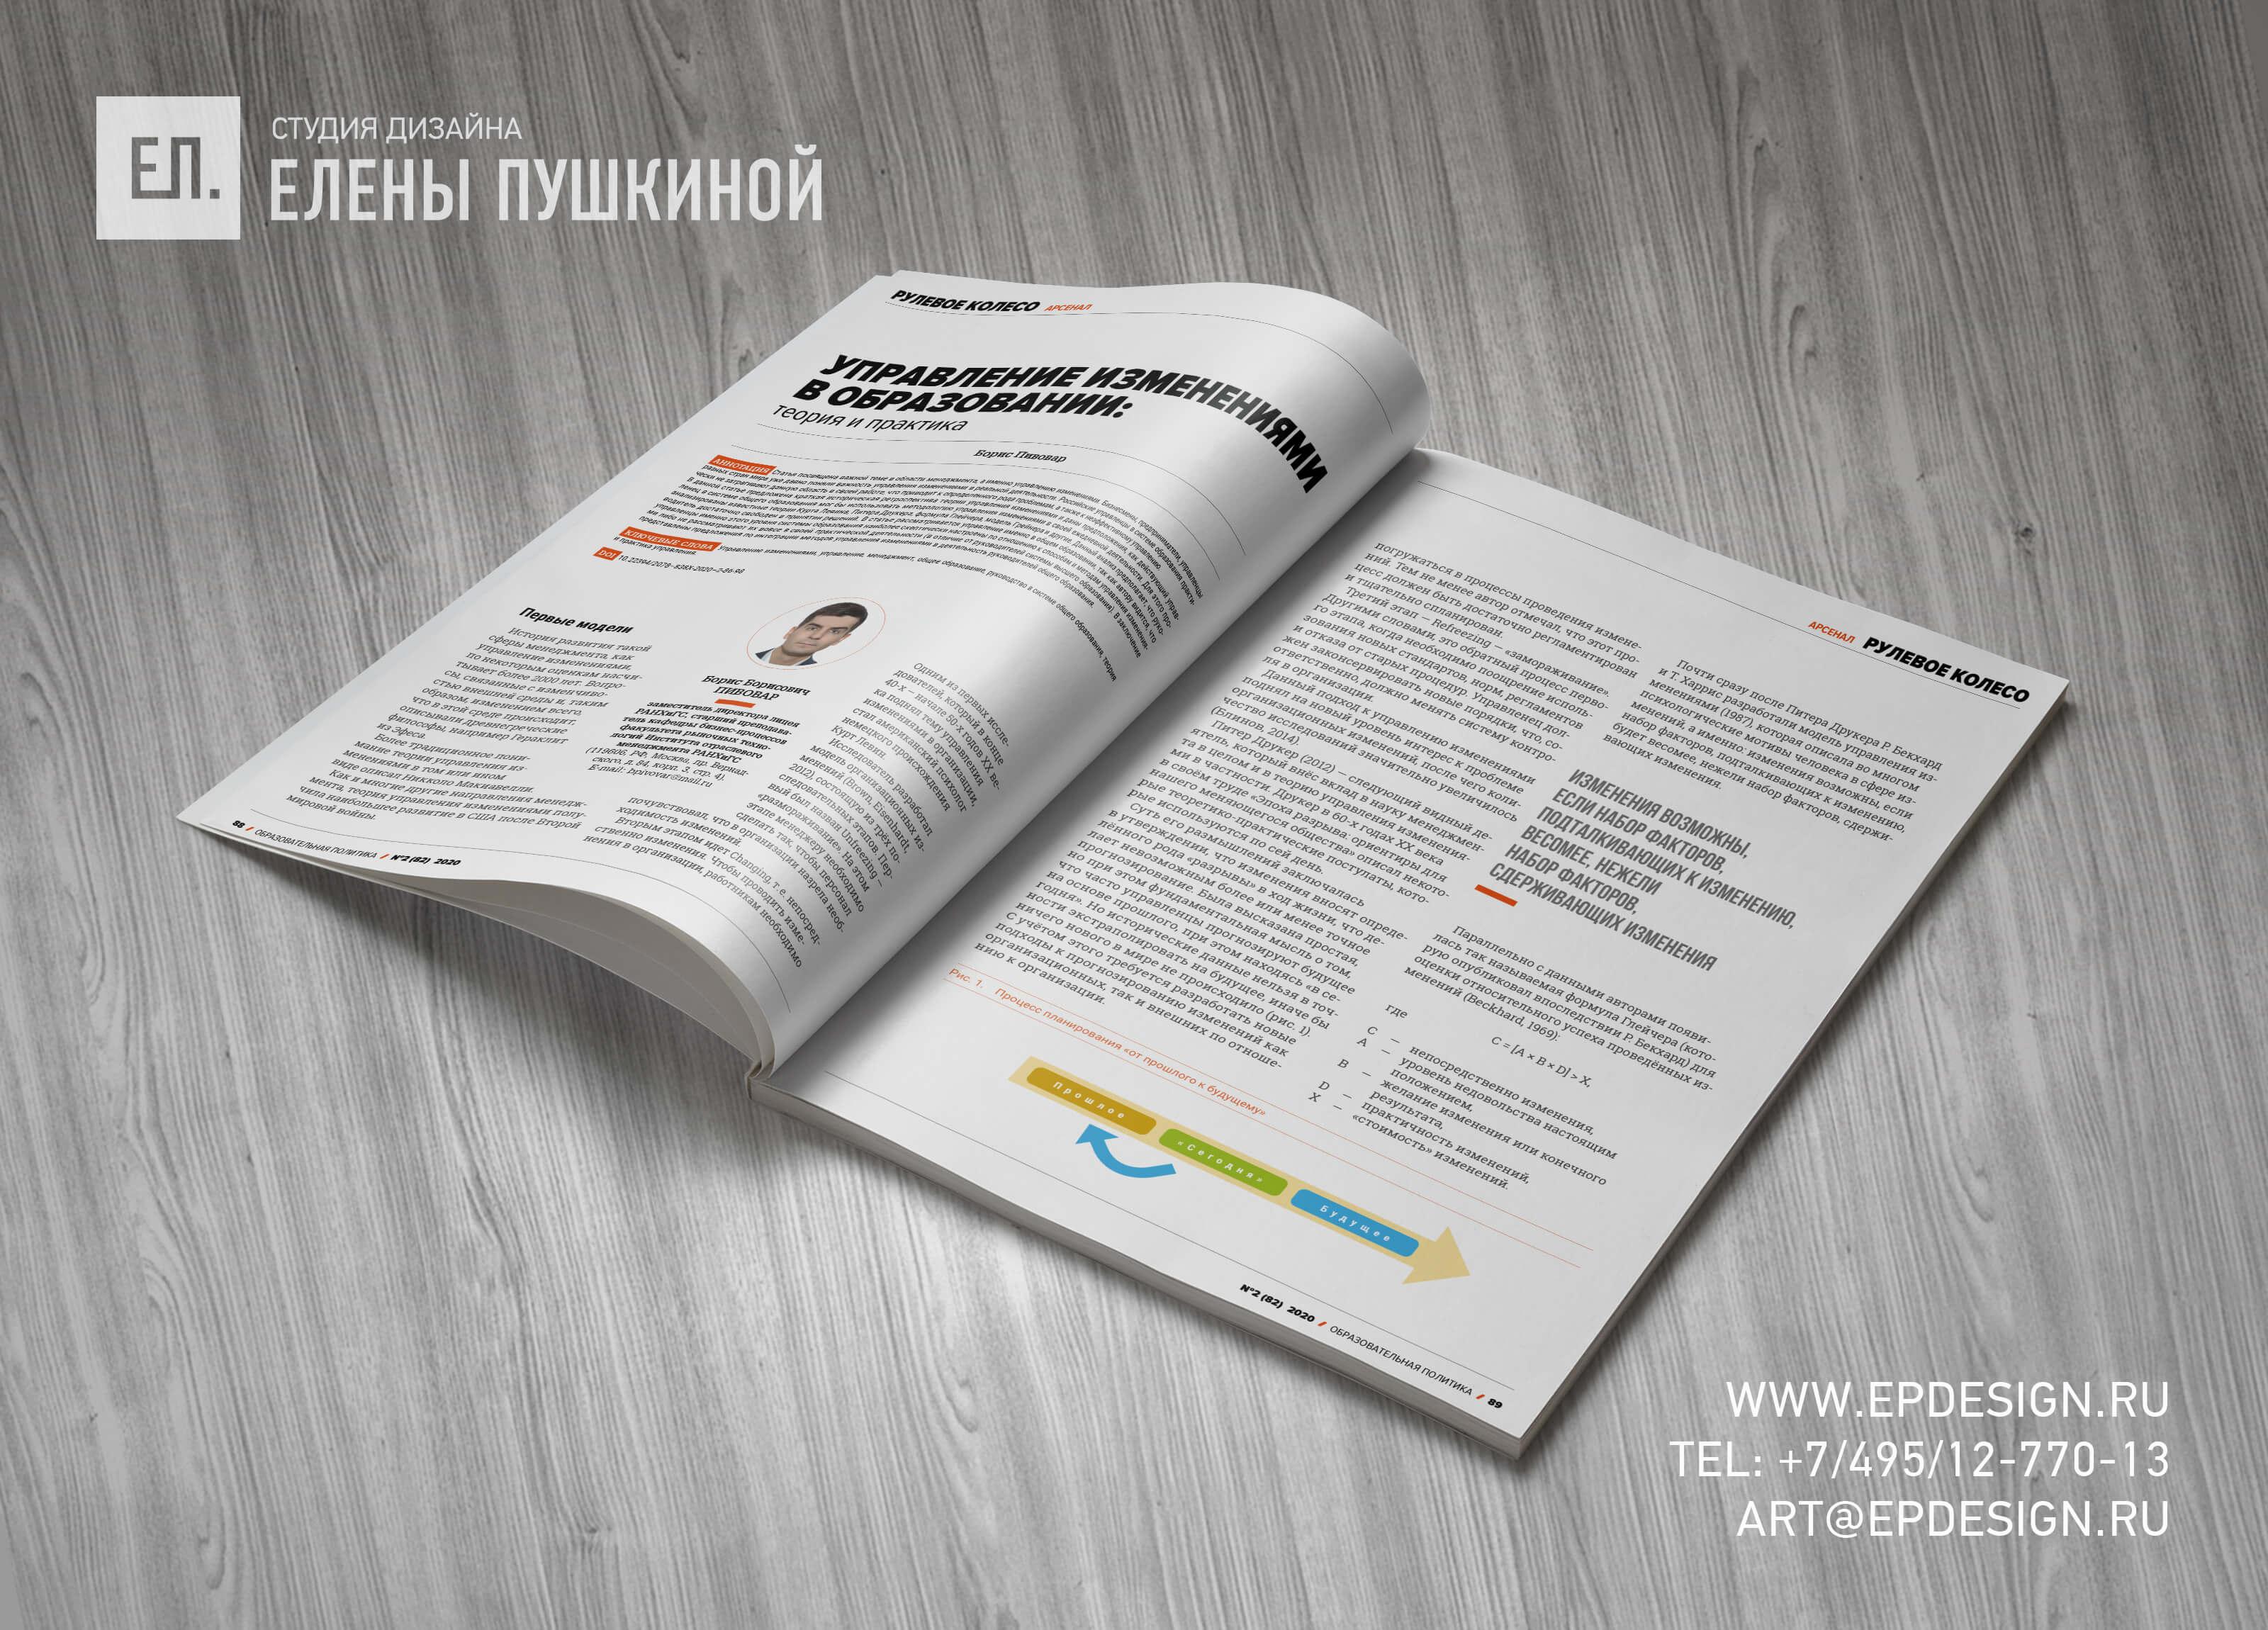 Журнал «Образовательная политика» РАНХиГС №2 (82) июль 2020 — разработка с «нуля» логотипа, обложки, макета и вёрстка журнала Разработка журналов Портфолио